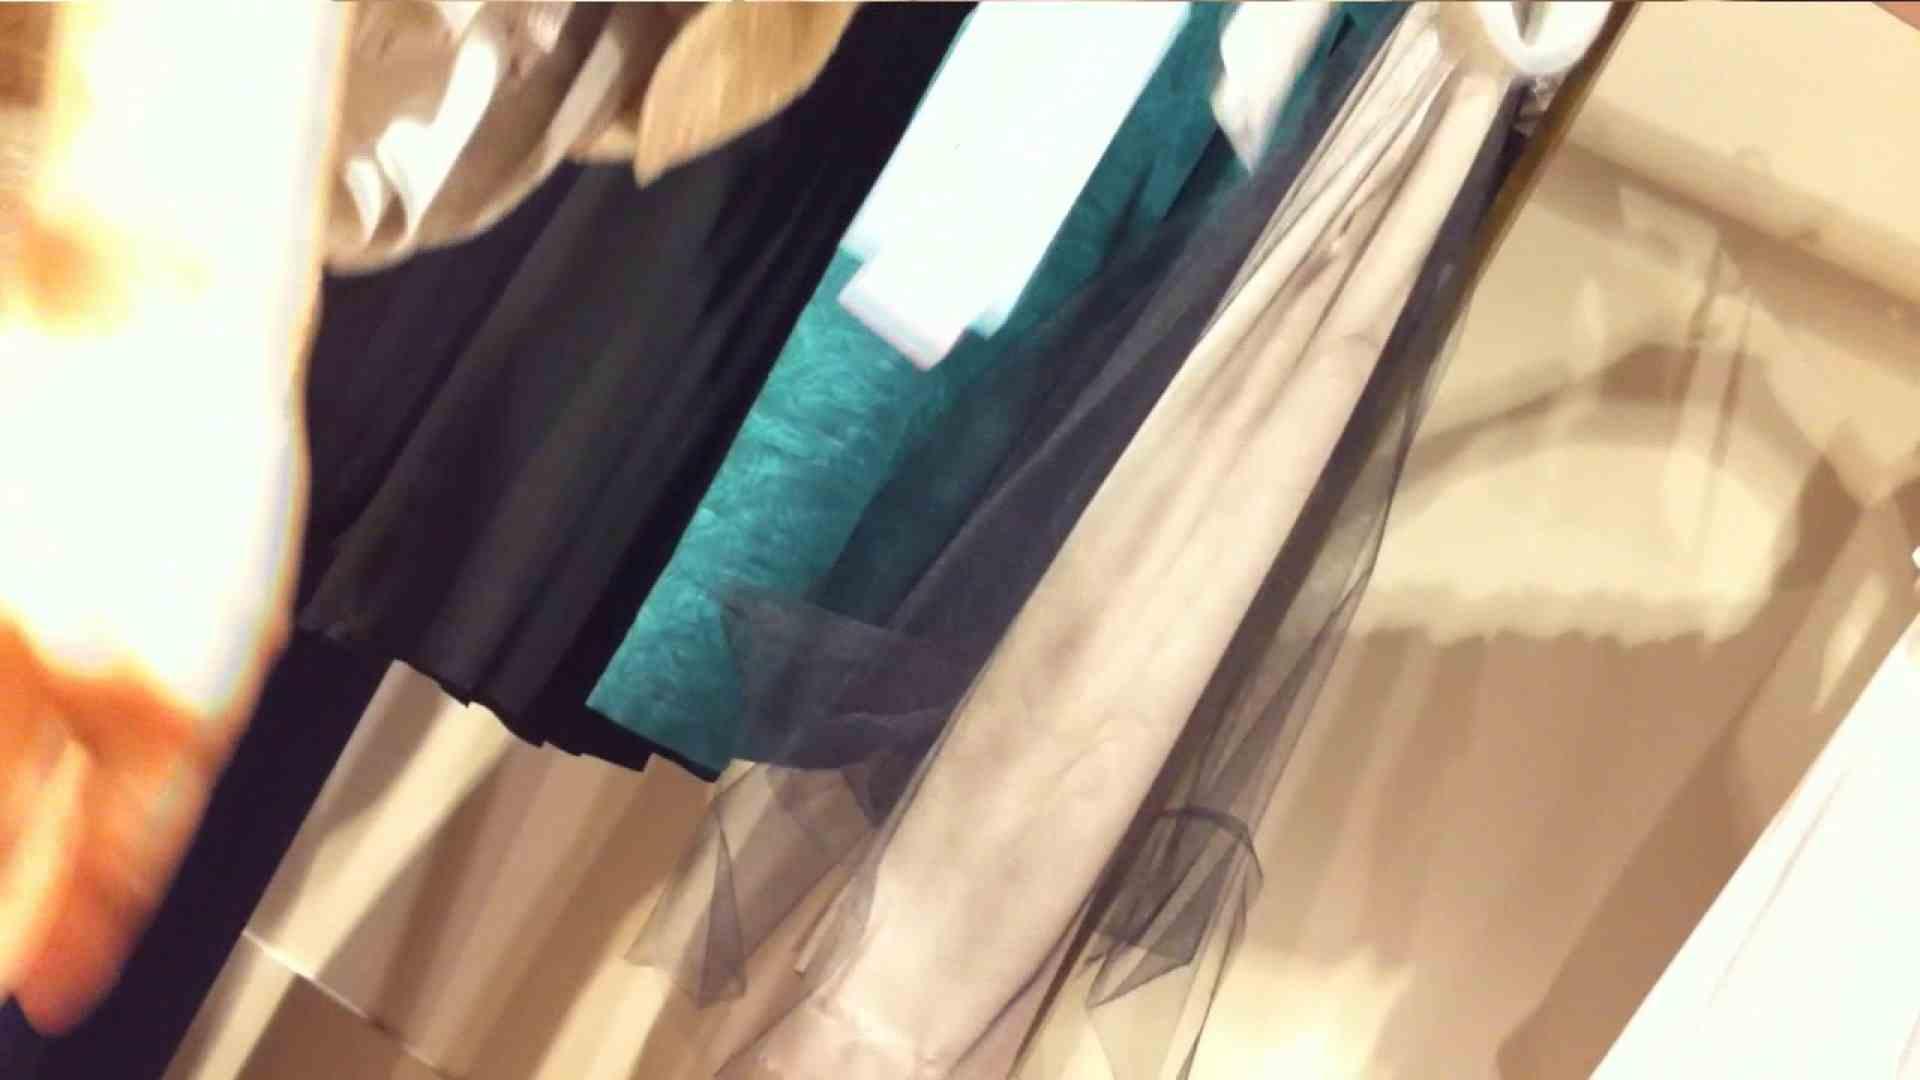 可愛いカリスマ店員限定‼胸チラ&パンチラ vol.12 チラ歓迎 エロ画像 103pic 57